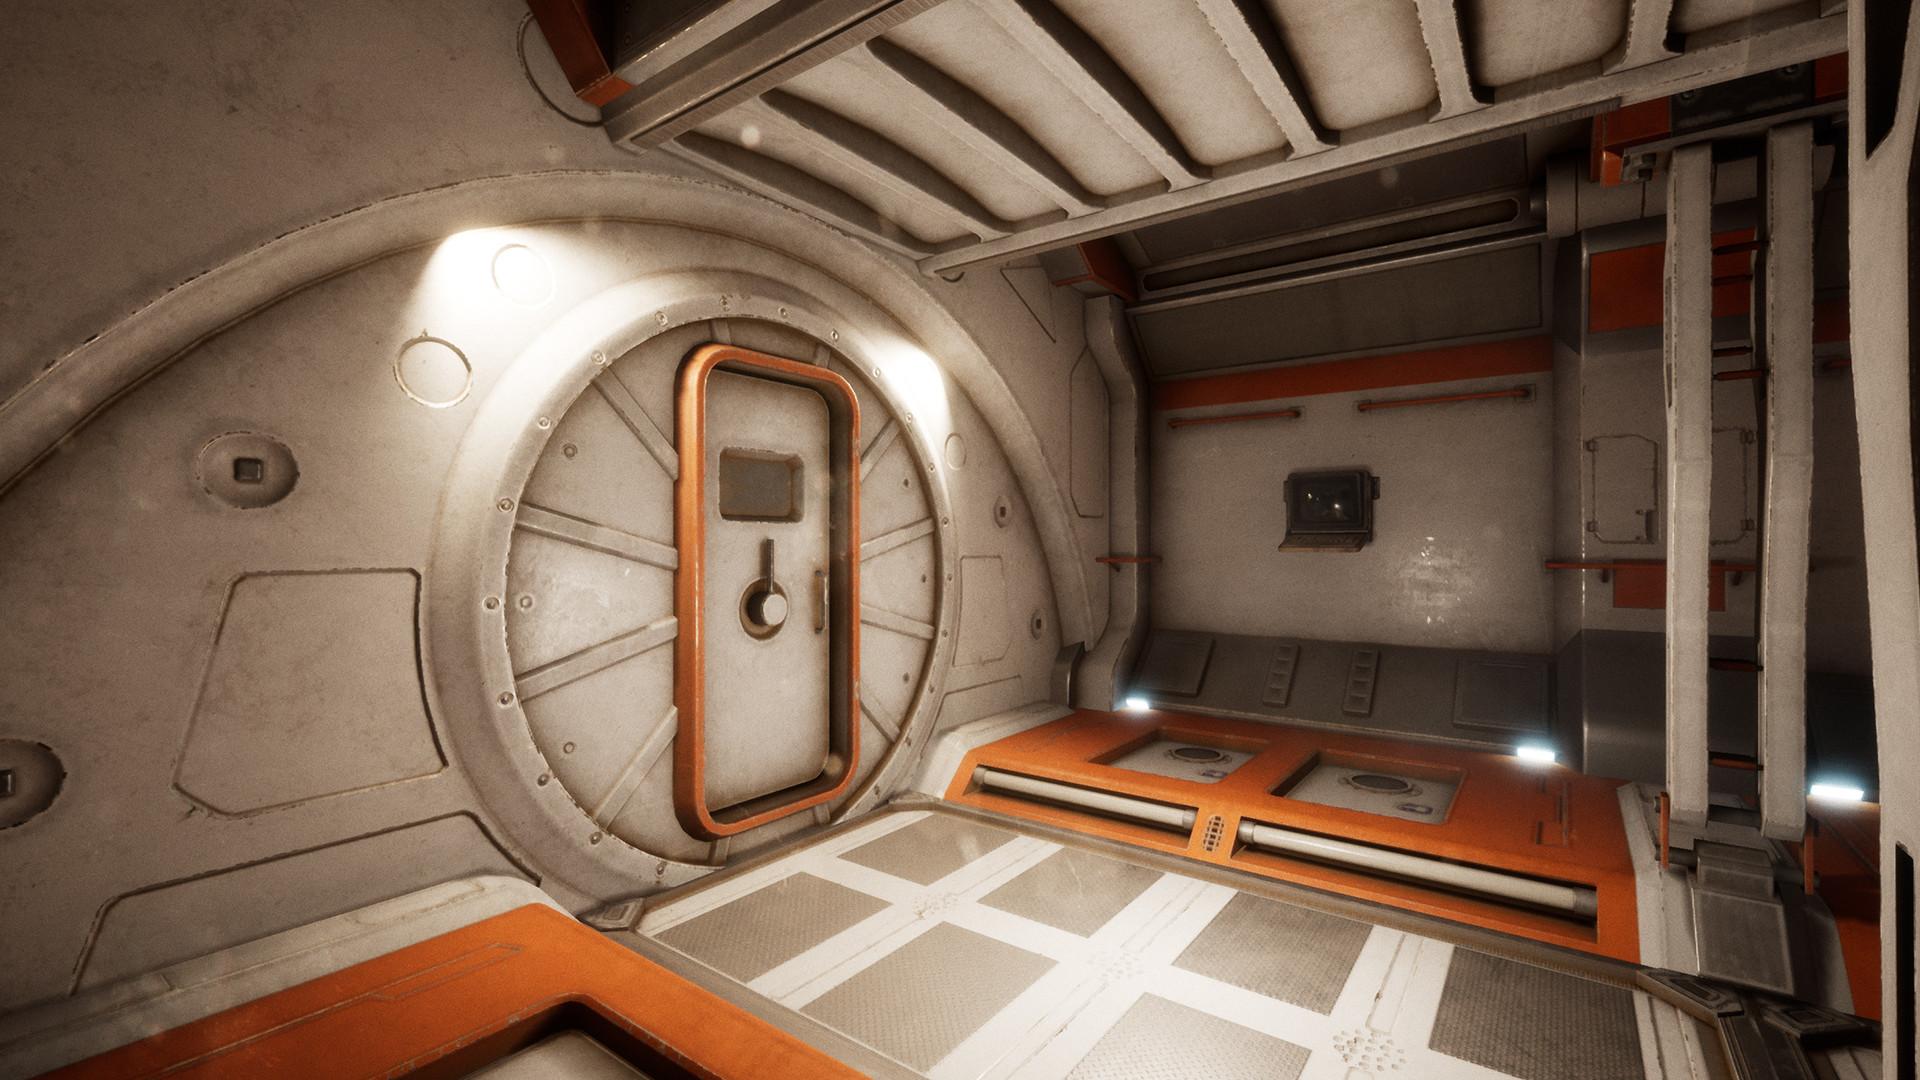 малый внутри космического корабля картинки фото видно, что